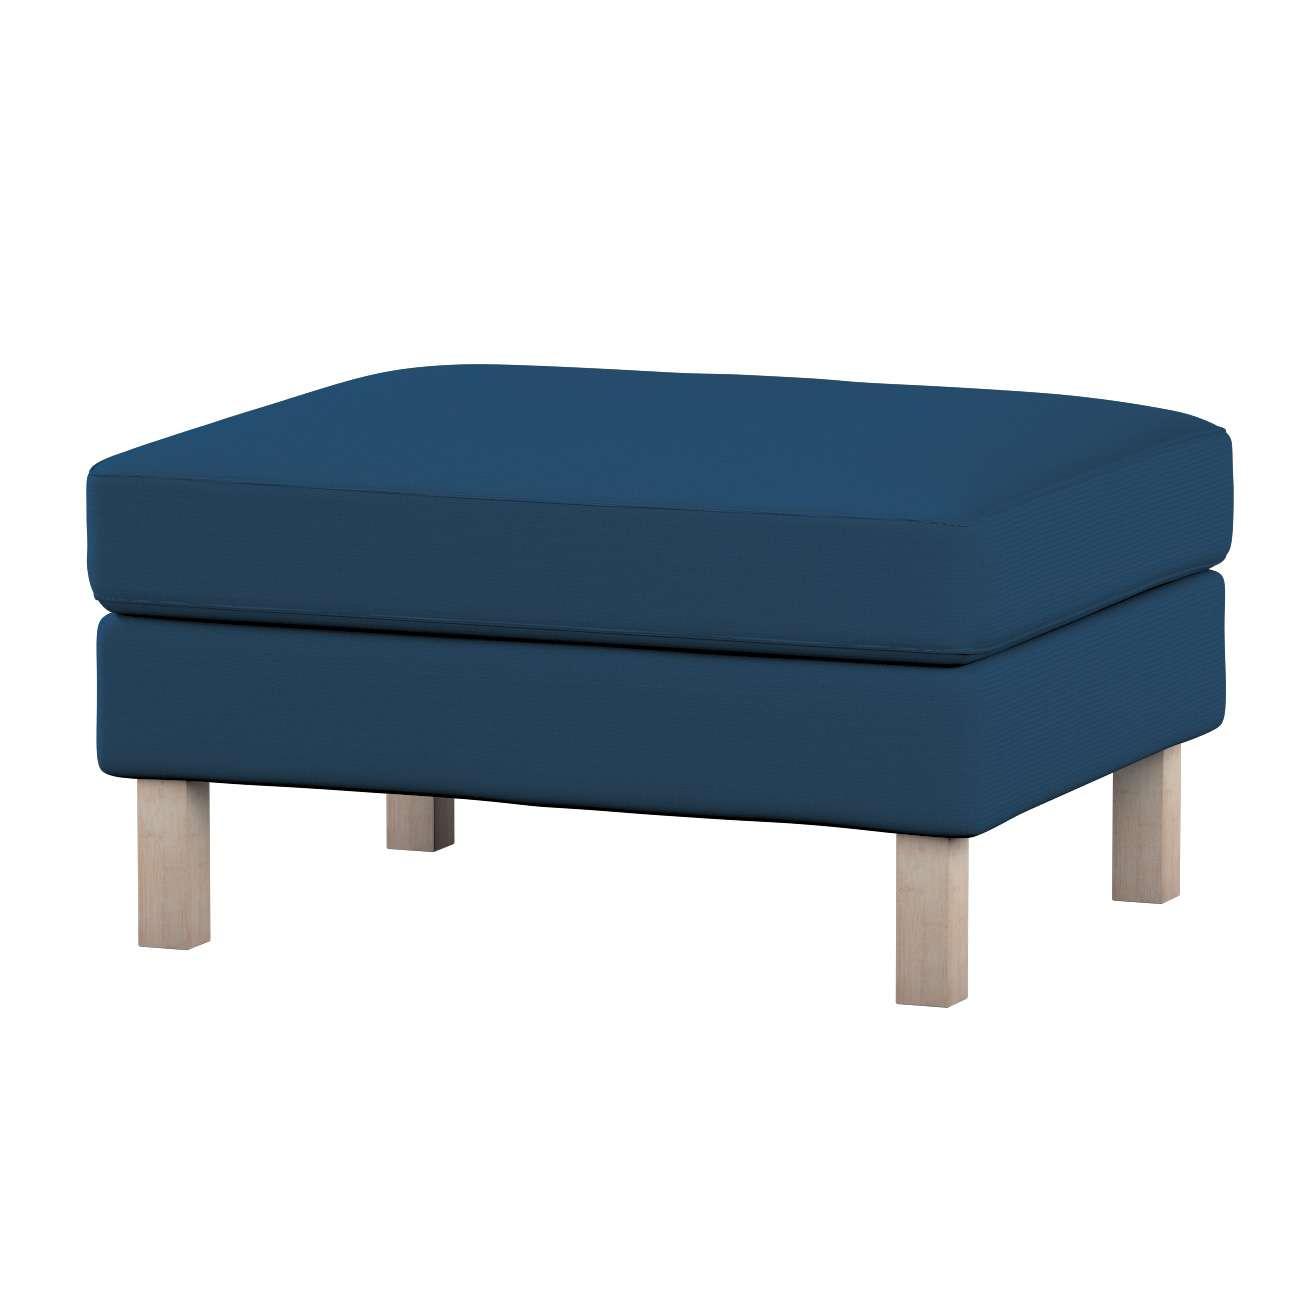 Potah na podnožku IKEA Karlstad potah na podnožku Karlstad v kolekci Cotton Panama, látka: 702-30